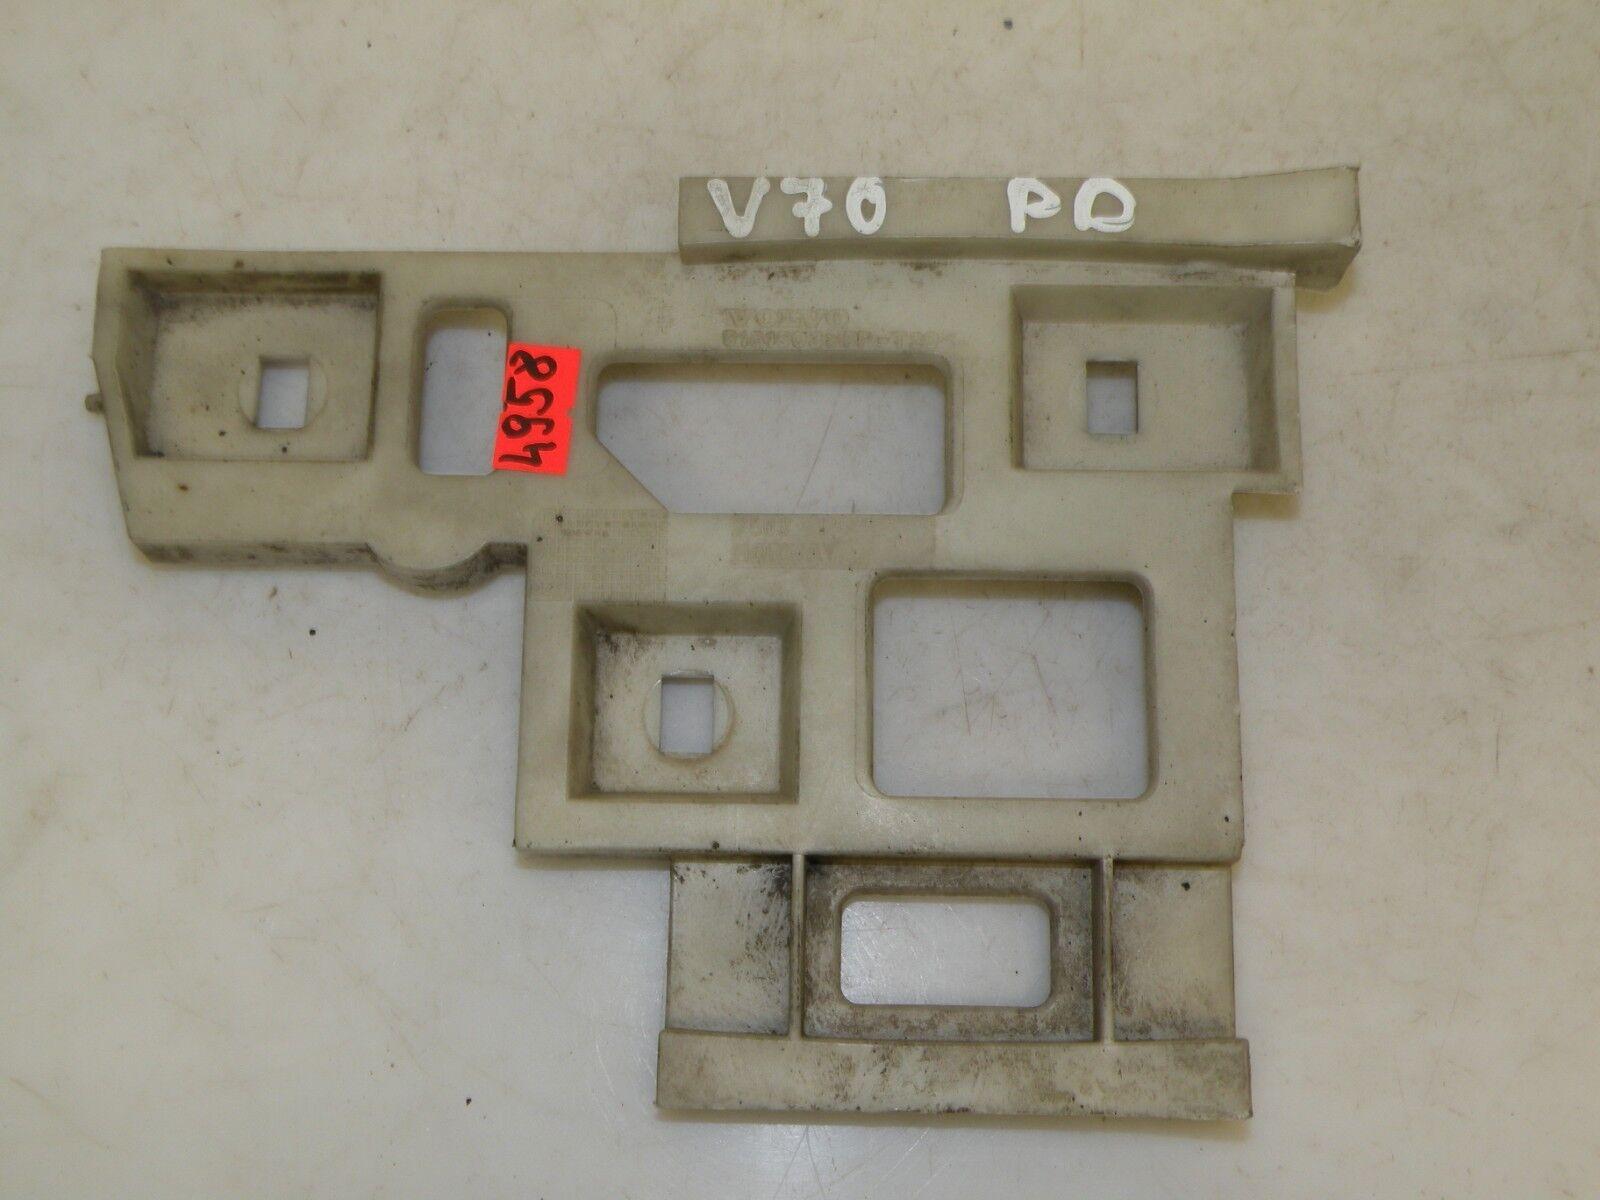 VOLVO V70 2000 LHD ESTATE FRONT RIGHT BUMPER HOLDER BRACKET SUPPORT 9151503